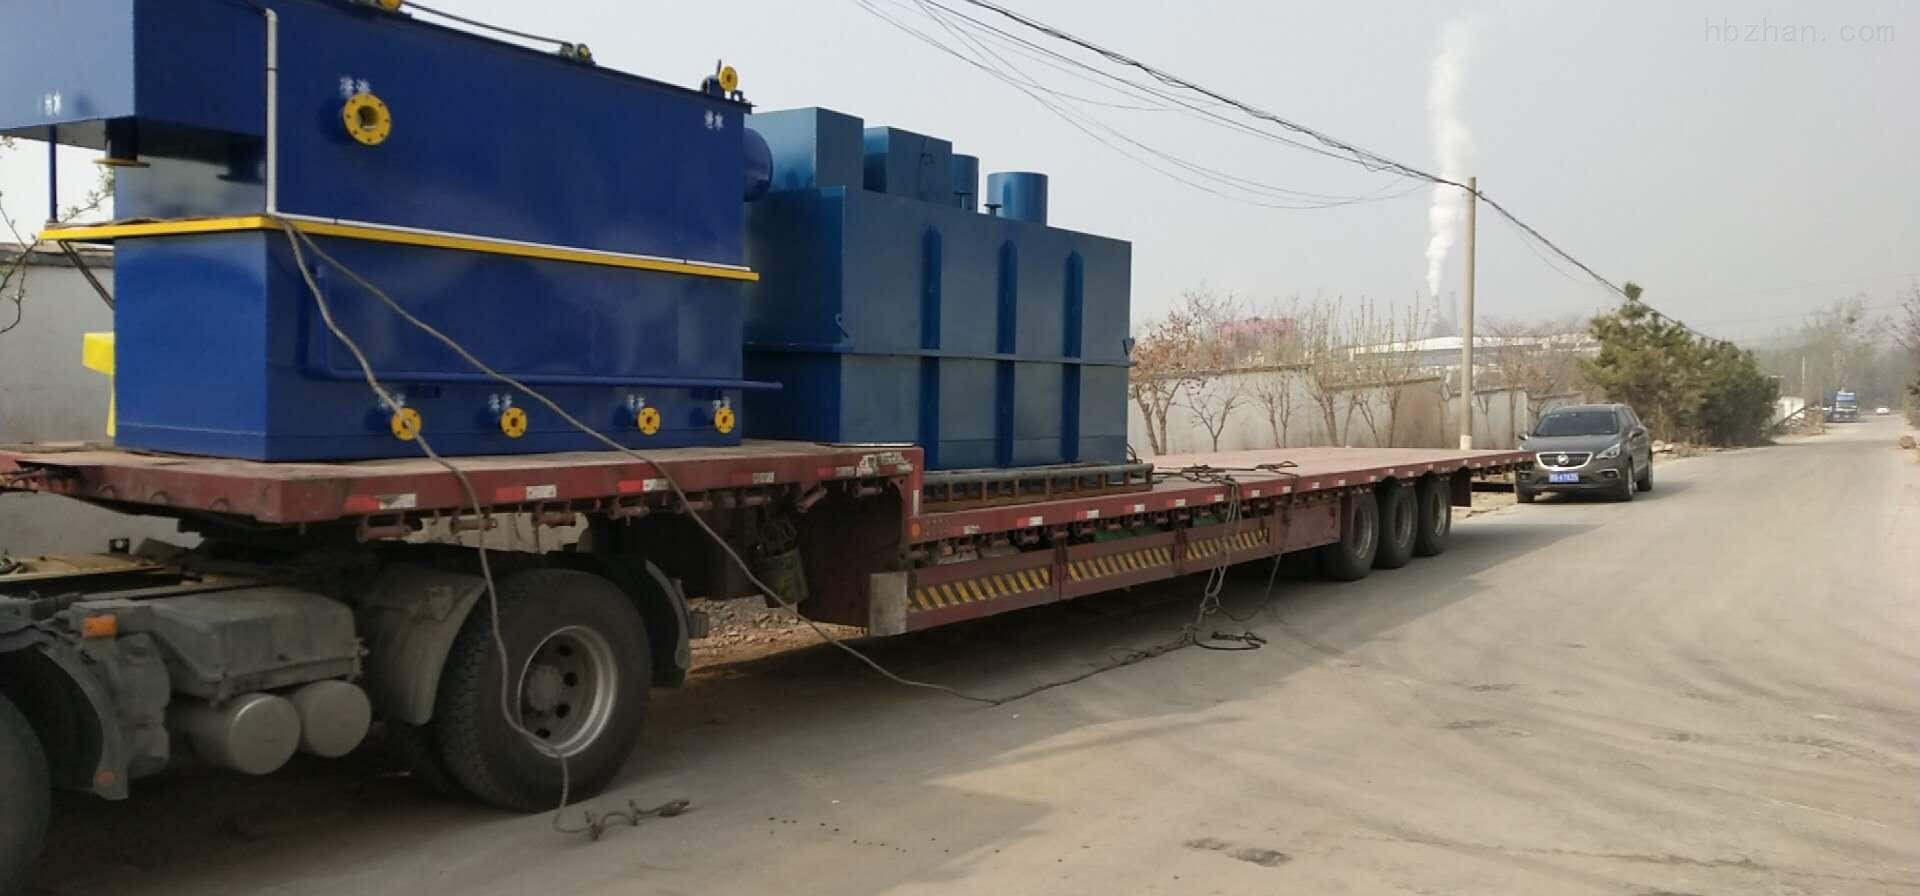 郑州大型污水处理设备广盛源质量保证